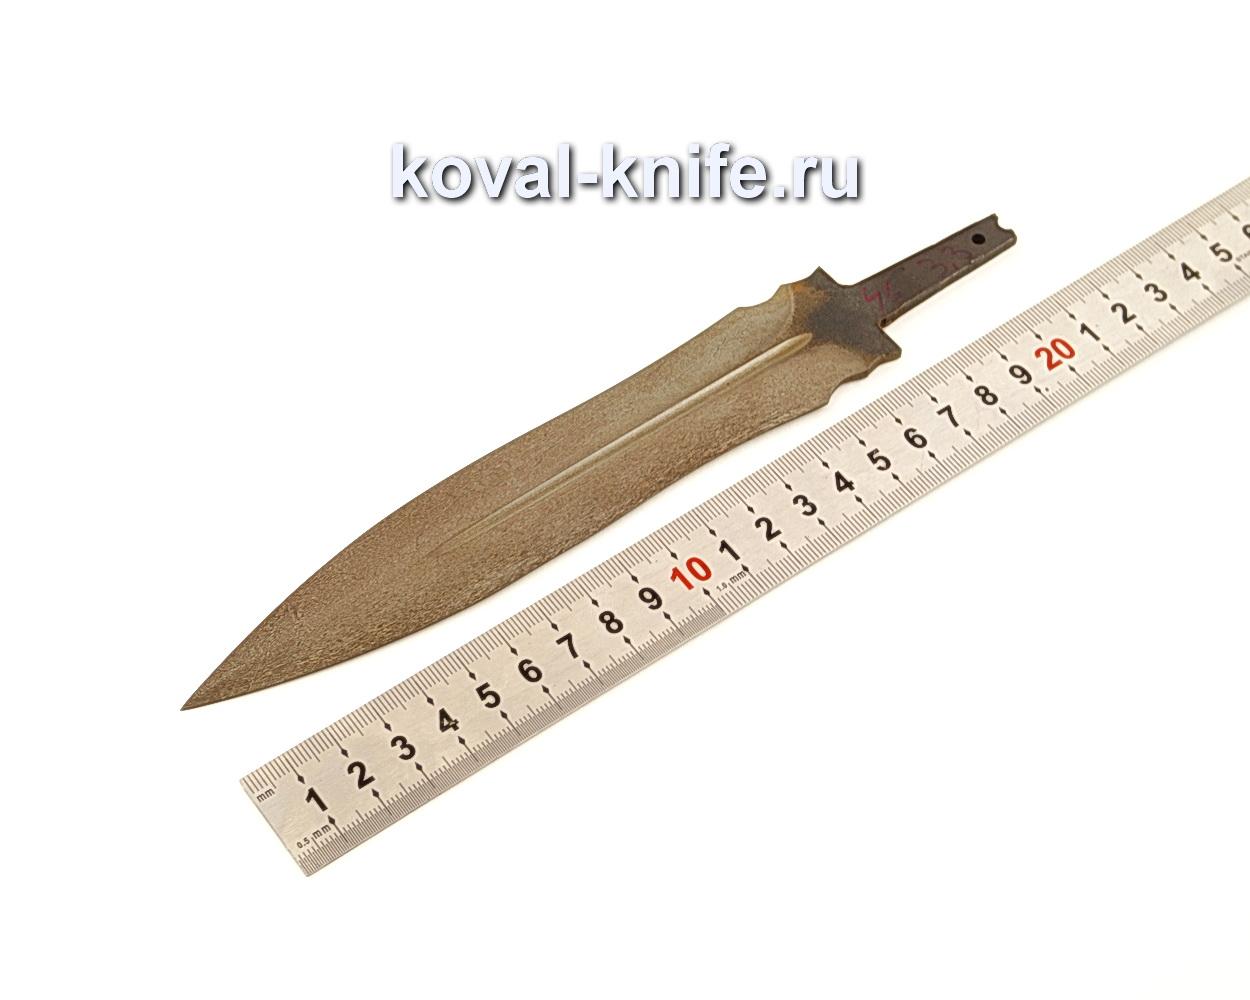 Клинок для Кинжала из булатной стали N45